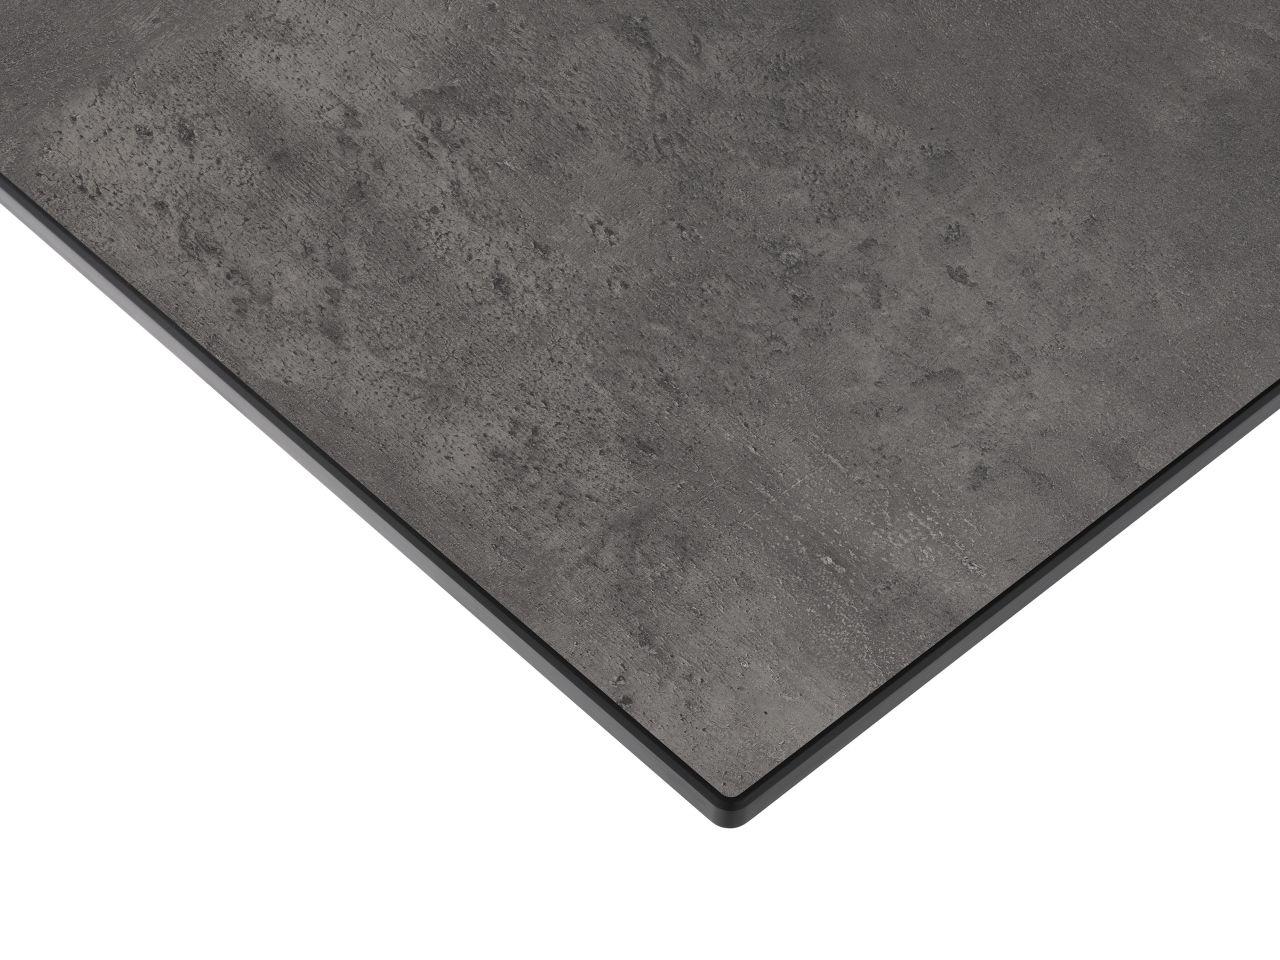 Sieger Puroplan Oberflächen-Dekor Beton dunkel